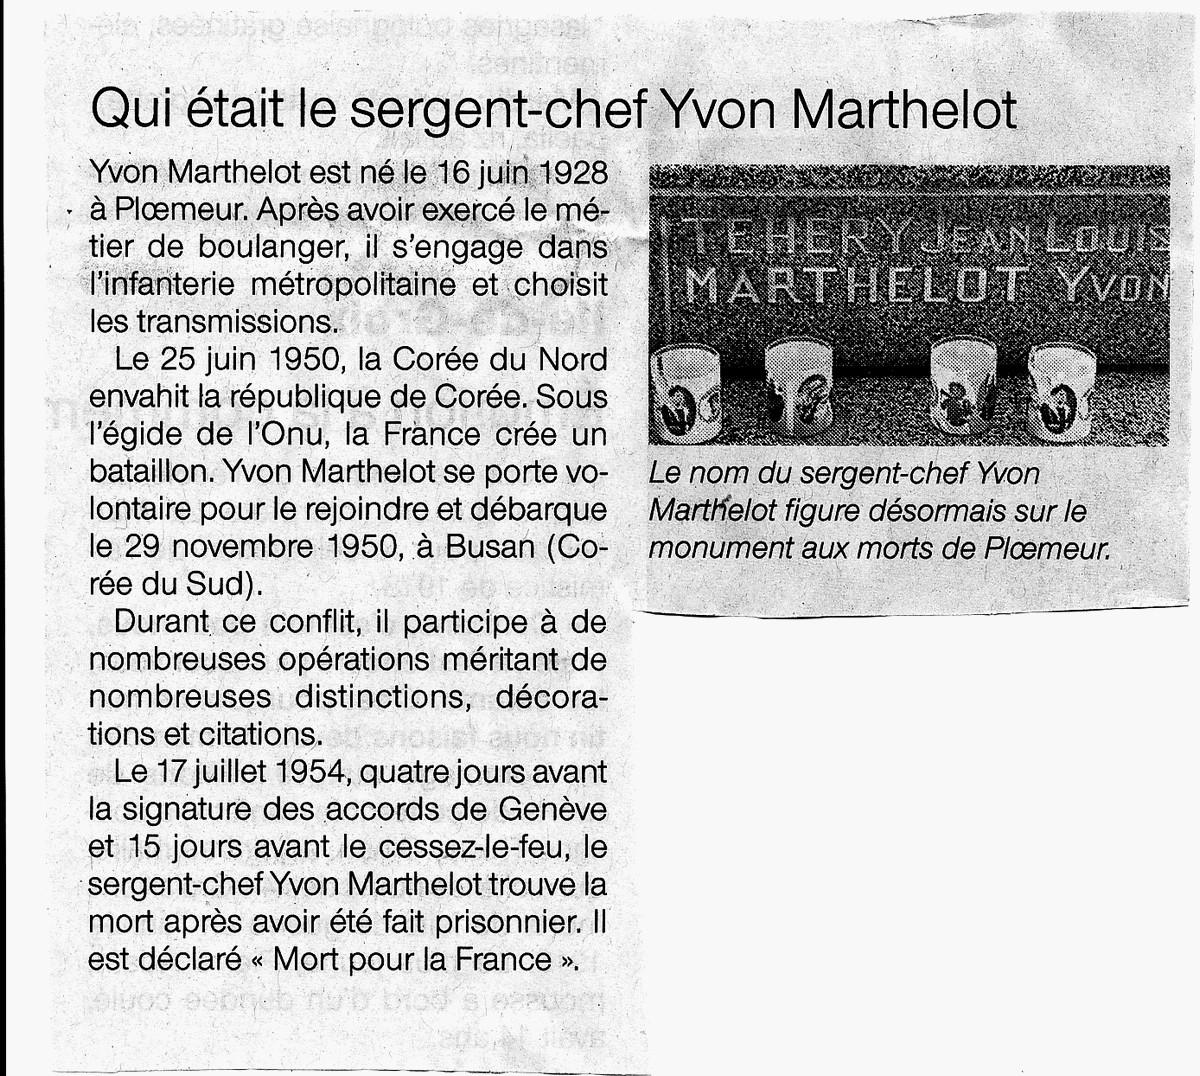 [OPÉRATIONS DE GUERRE] GUERRE DE CORÉE - TOME 2 - Page 5 933319core2